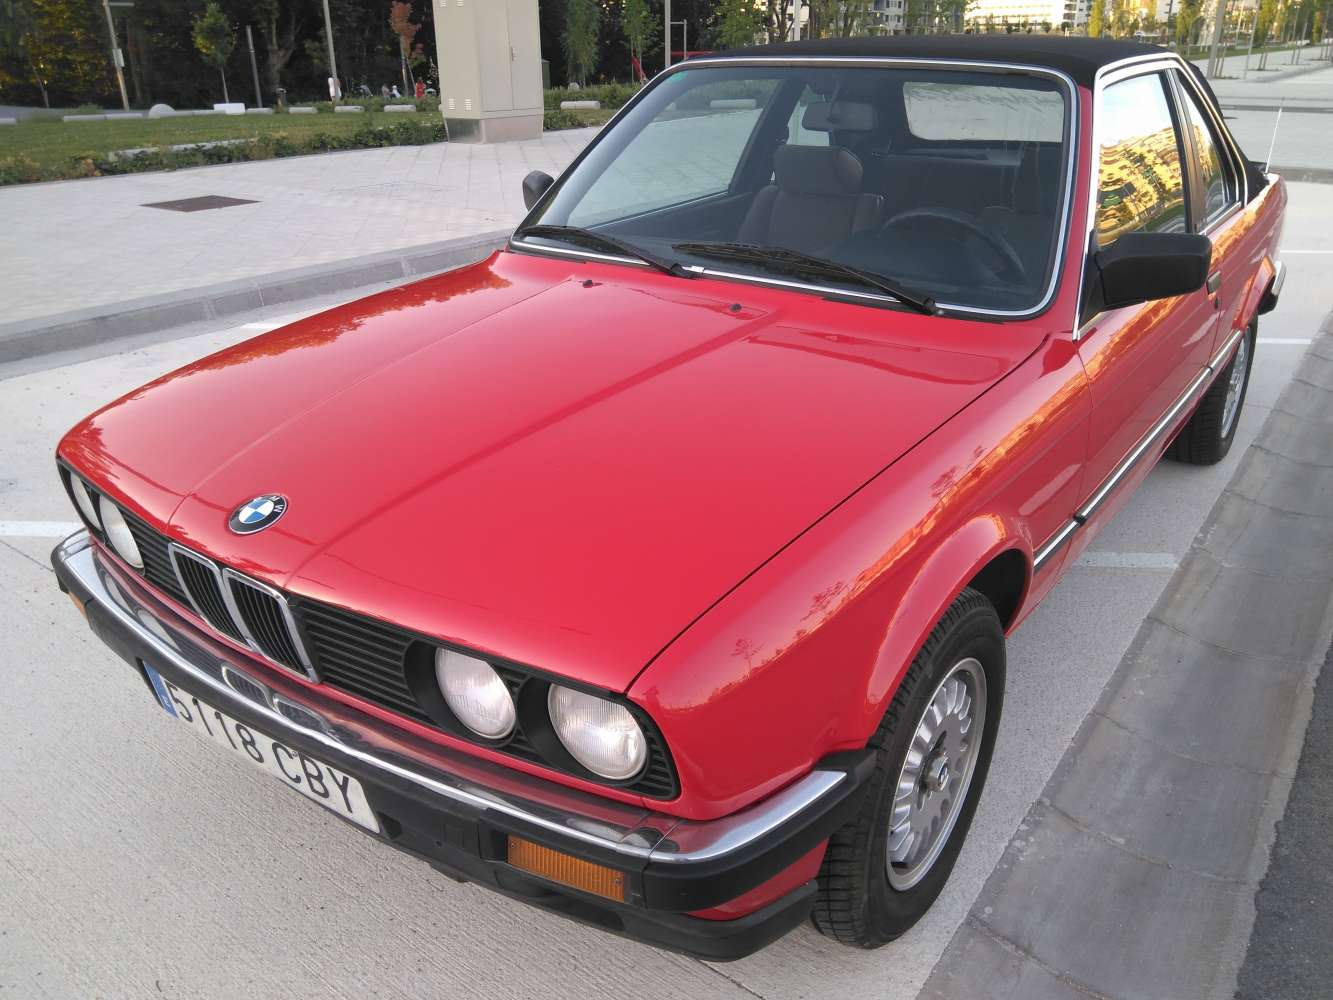 BMW E30 320i Baur 1984